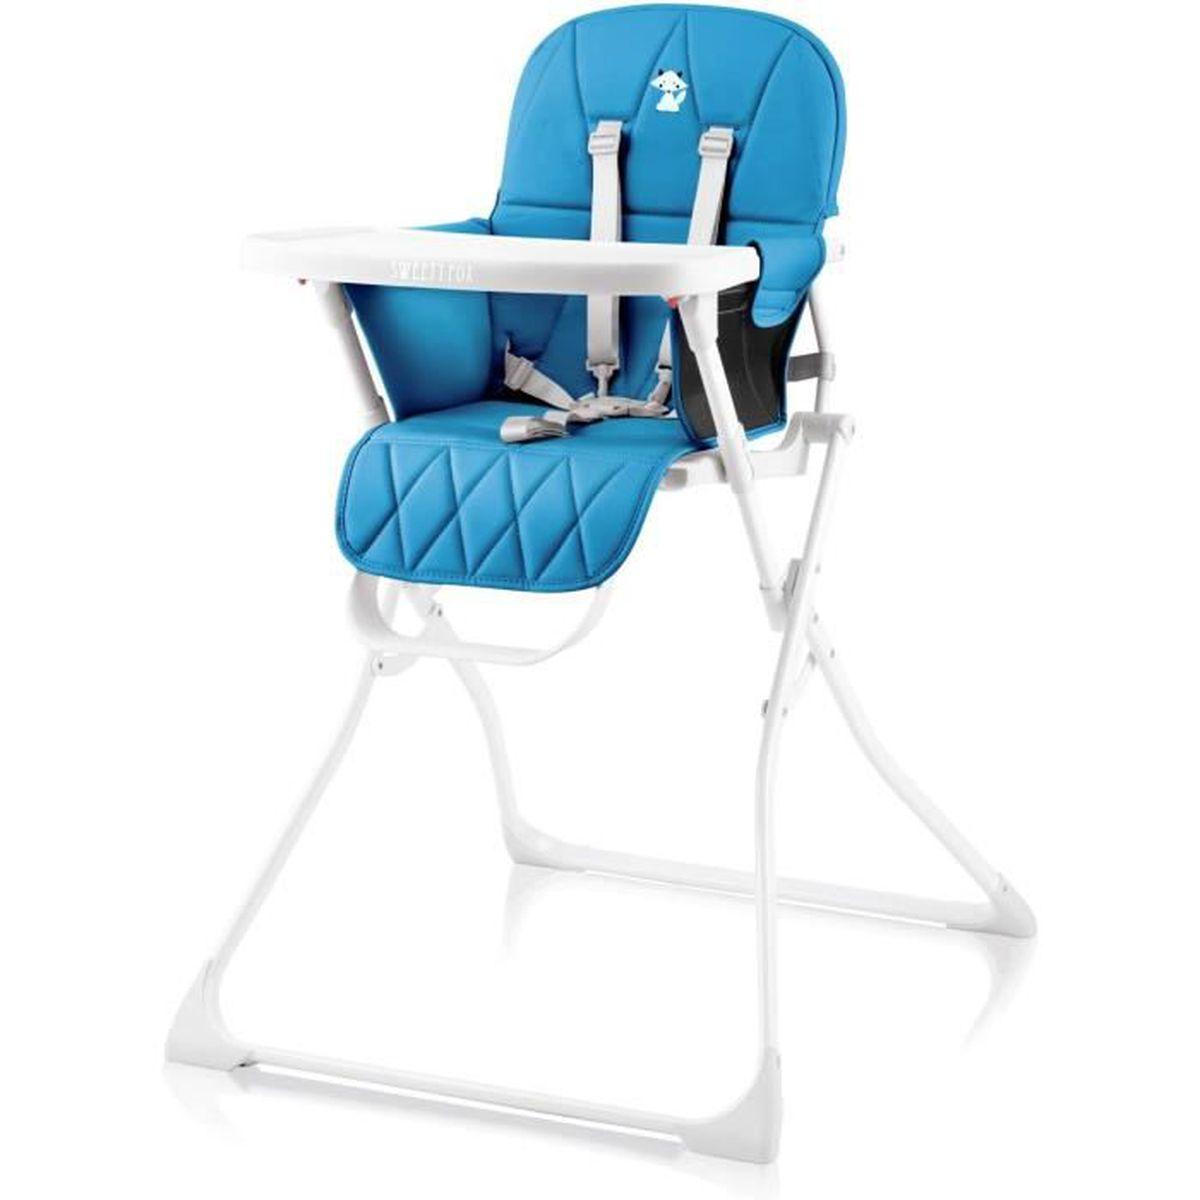 Chaise Haute Bebe Compacte, Reglable et Pliable - Chaise Haute